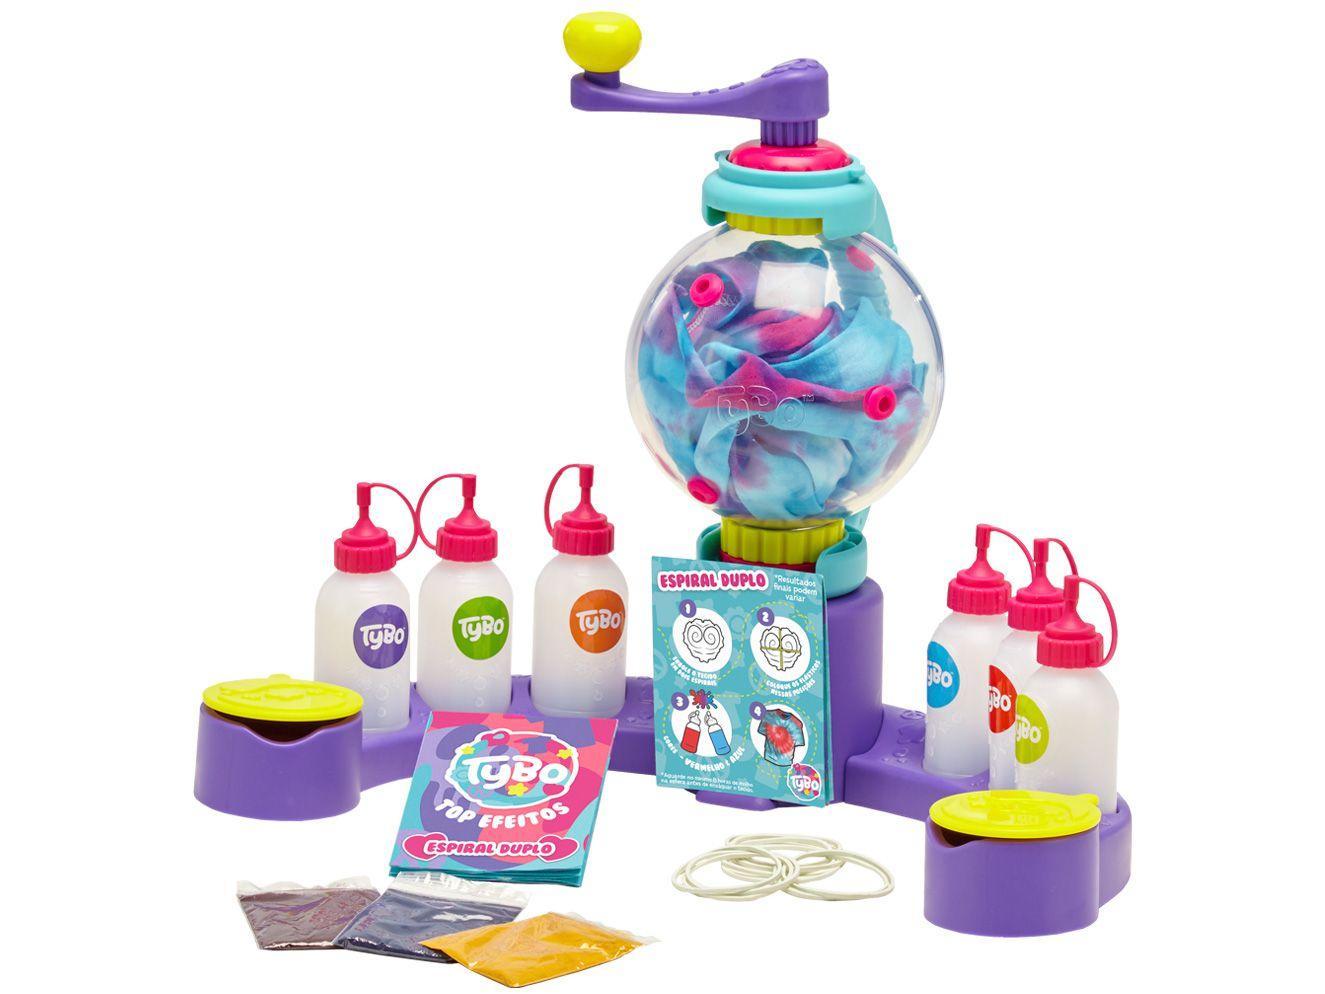 Kit Tie Dye Infantil 12 Cores Estúdio Tie-Dye - Kit Tybo Fun